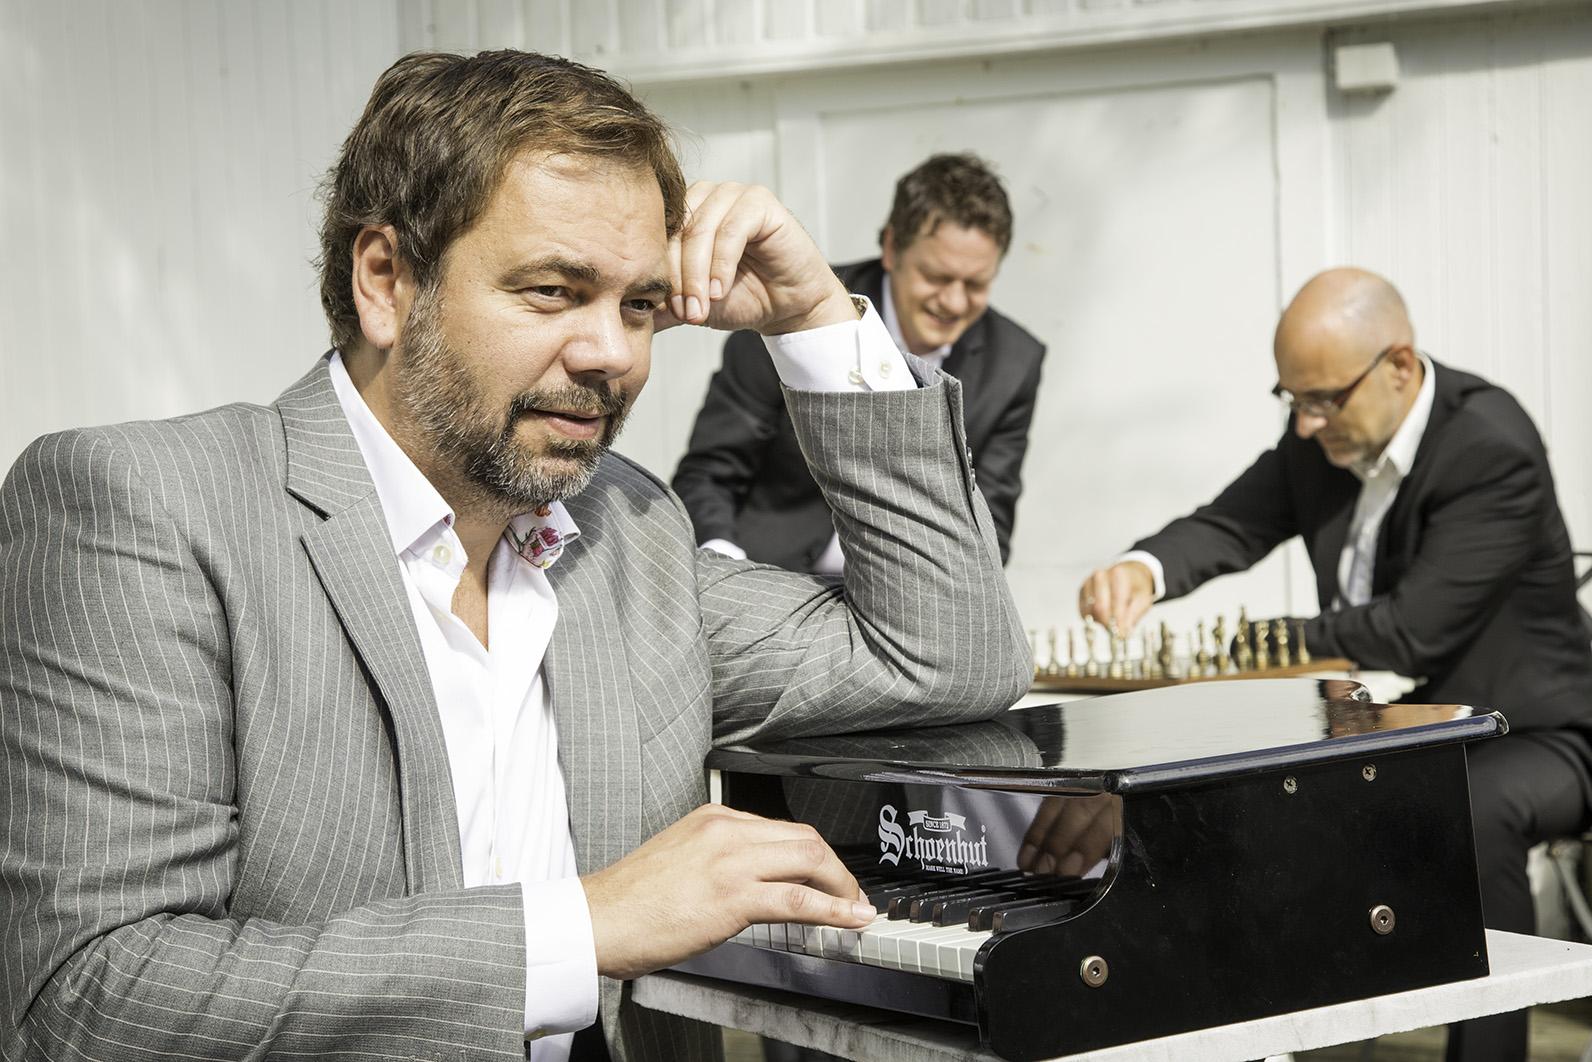 Gruppen Gisle Børge Styve Trio